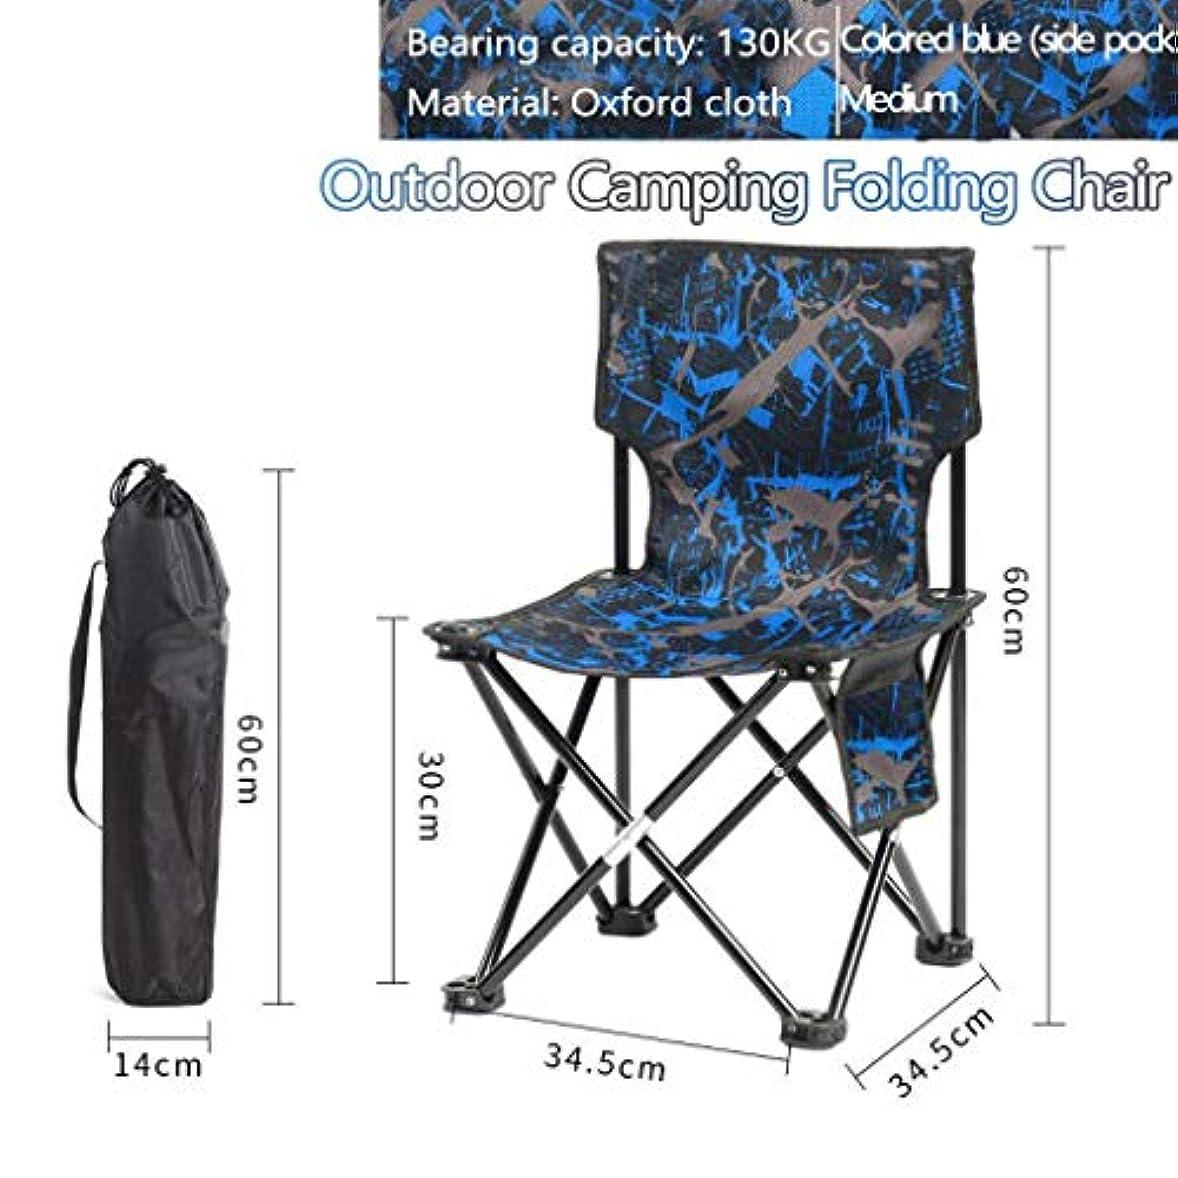 作家木曜日からかうキャンプ用折りたたみ椅子 ビーチチェア, スツール ポータブル 快適 調整可能 オックスフォード布 アウトドア ハイキング 釣り ピクニック バーベキュー